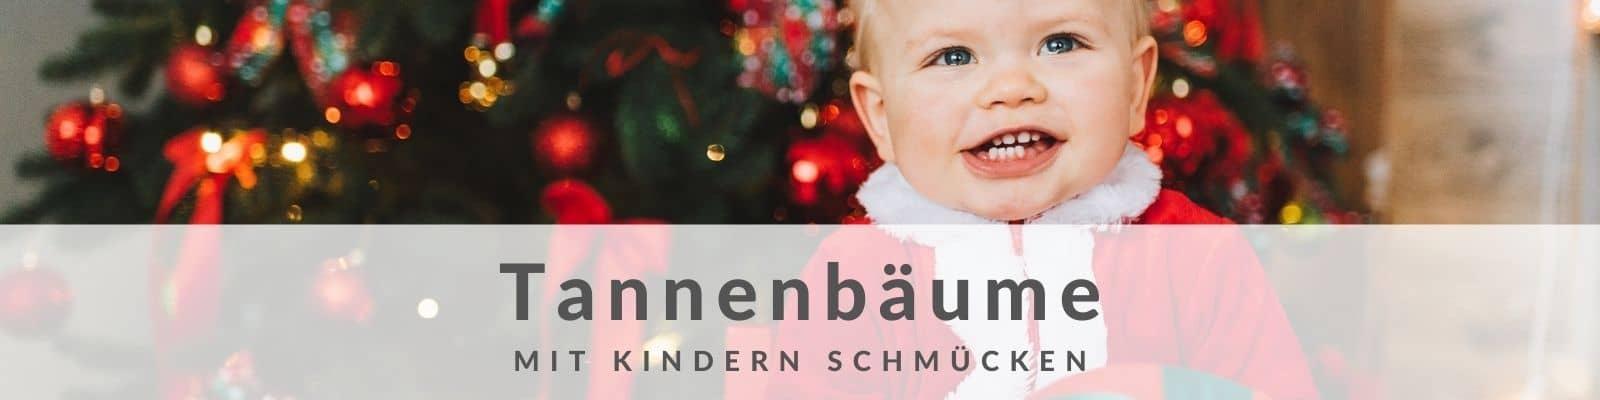 Tannenbaum - Weihnachtsbaum - mit Kindern schmücken